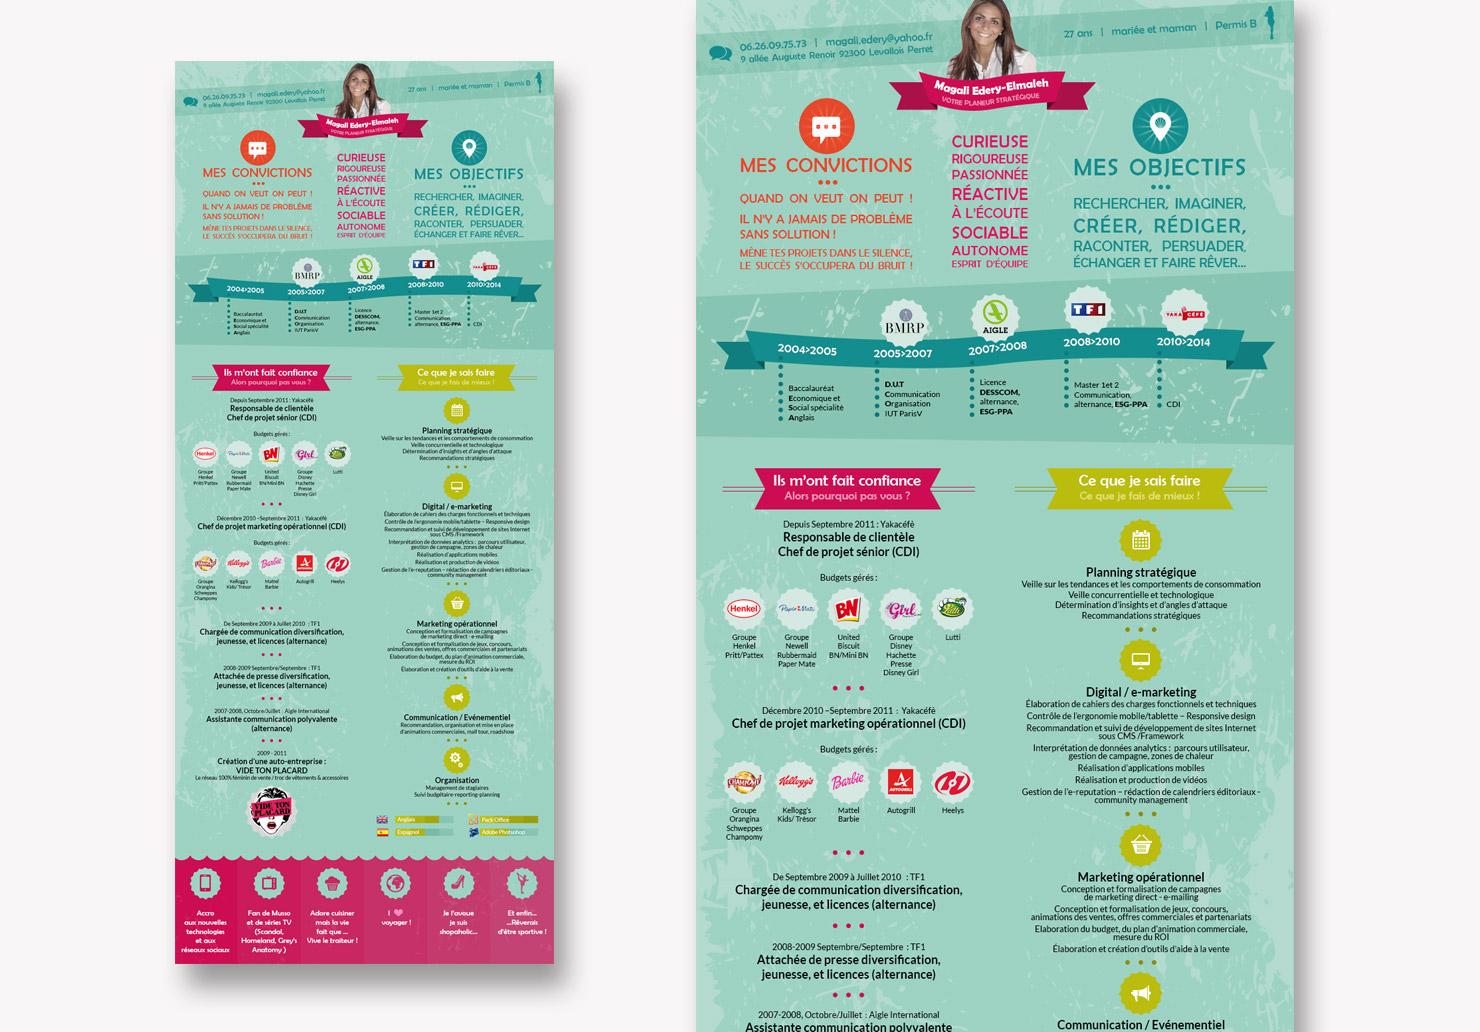 CV Magalie Edery - Mise en page de CV par Emilie Le Béhérec Prima, graphiste web et print